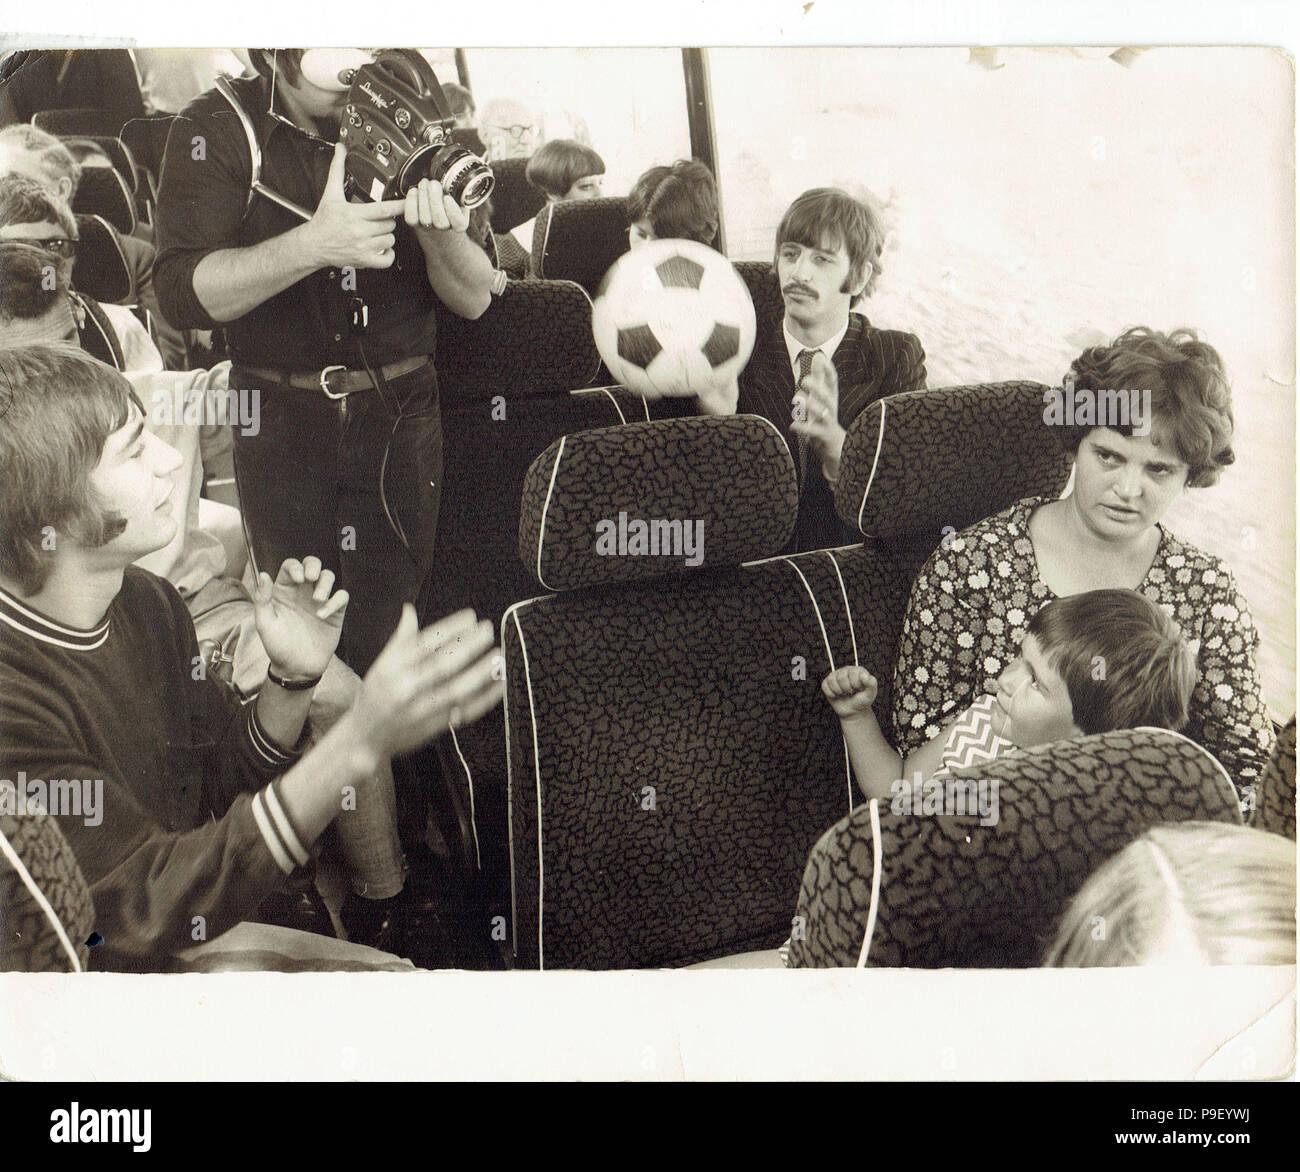 453a75e052ee Sep 12, 1967 - London, England, United Kingdom - Nicola Hale